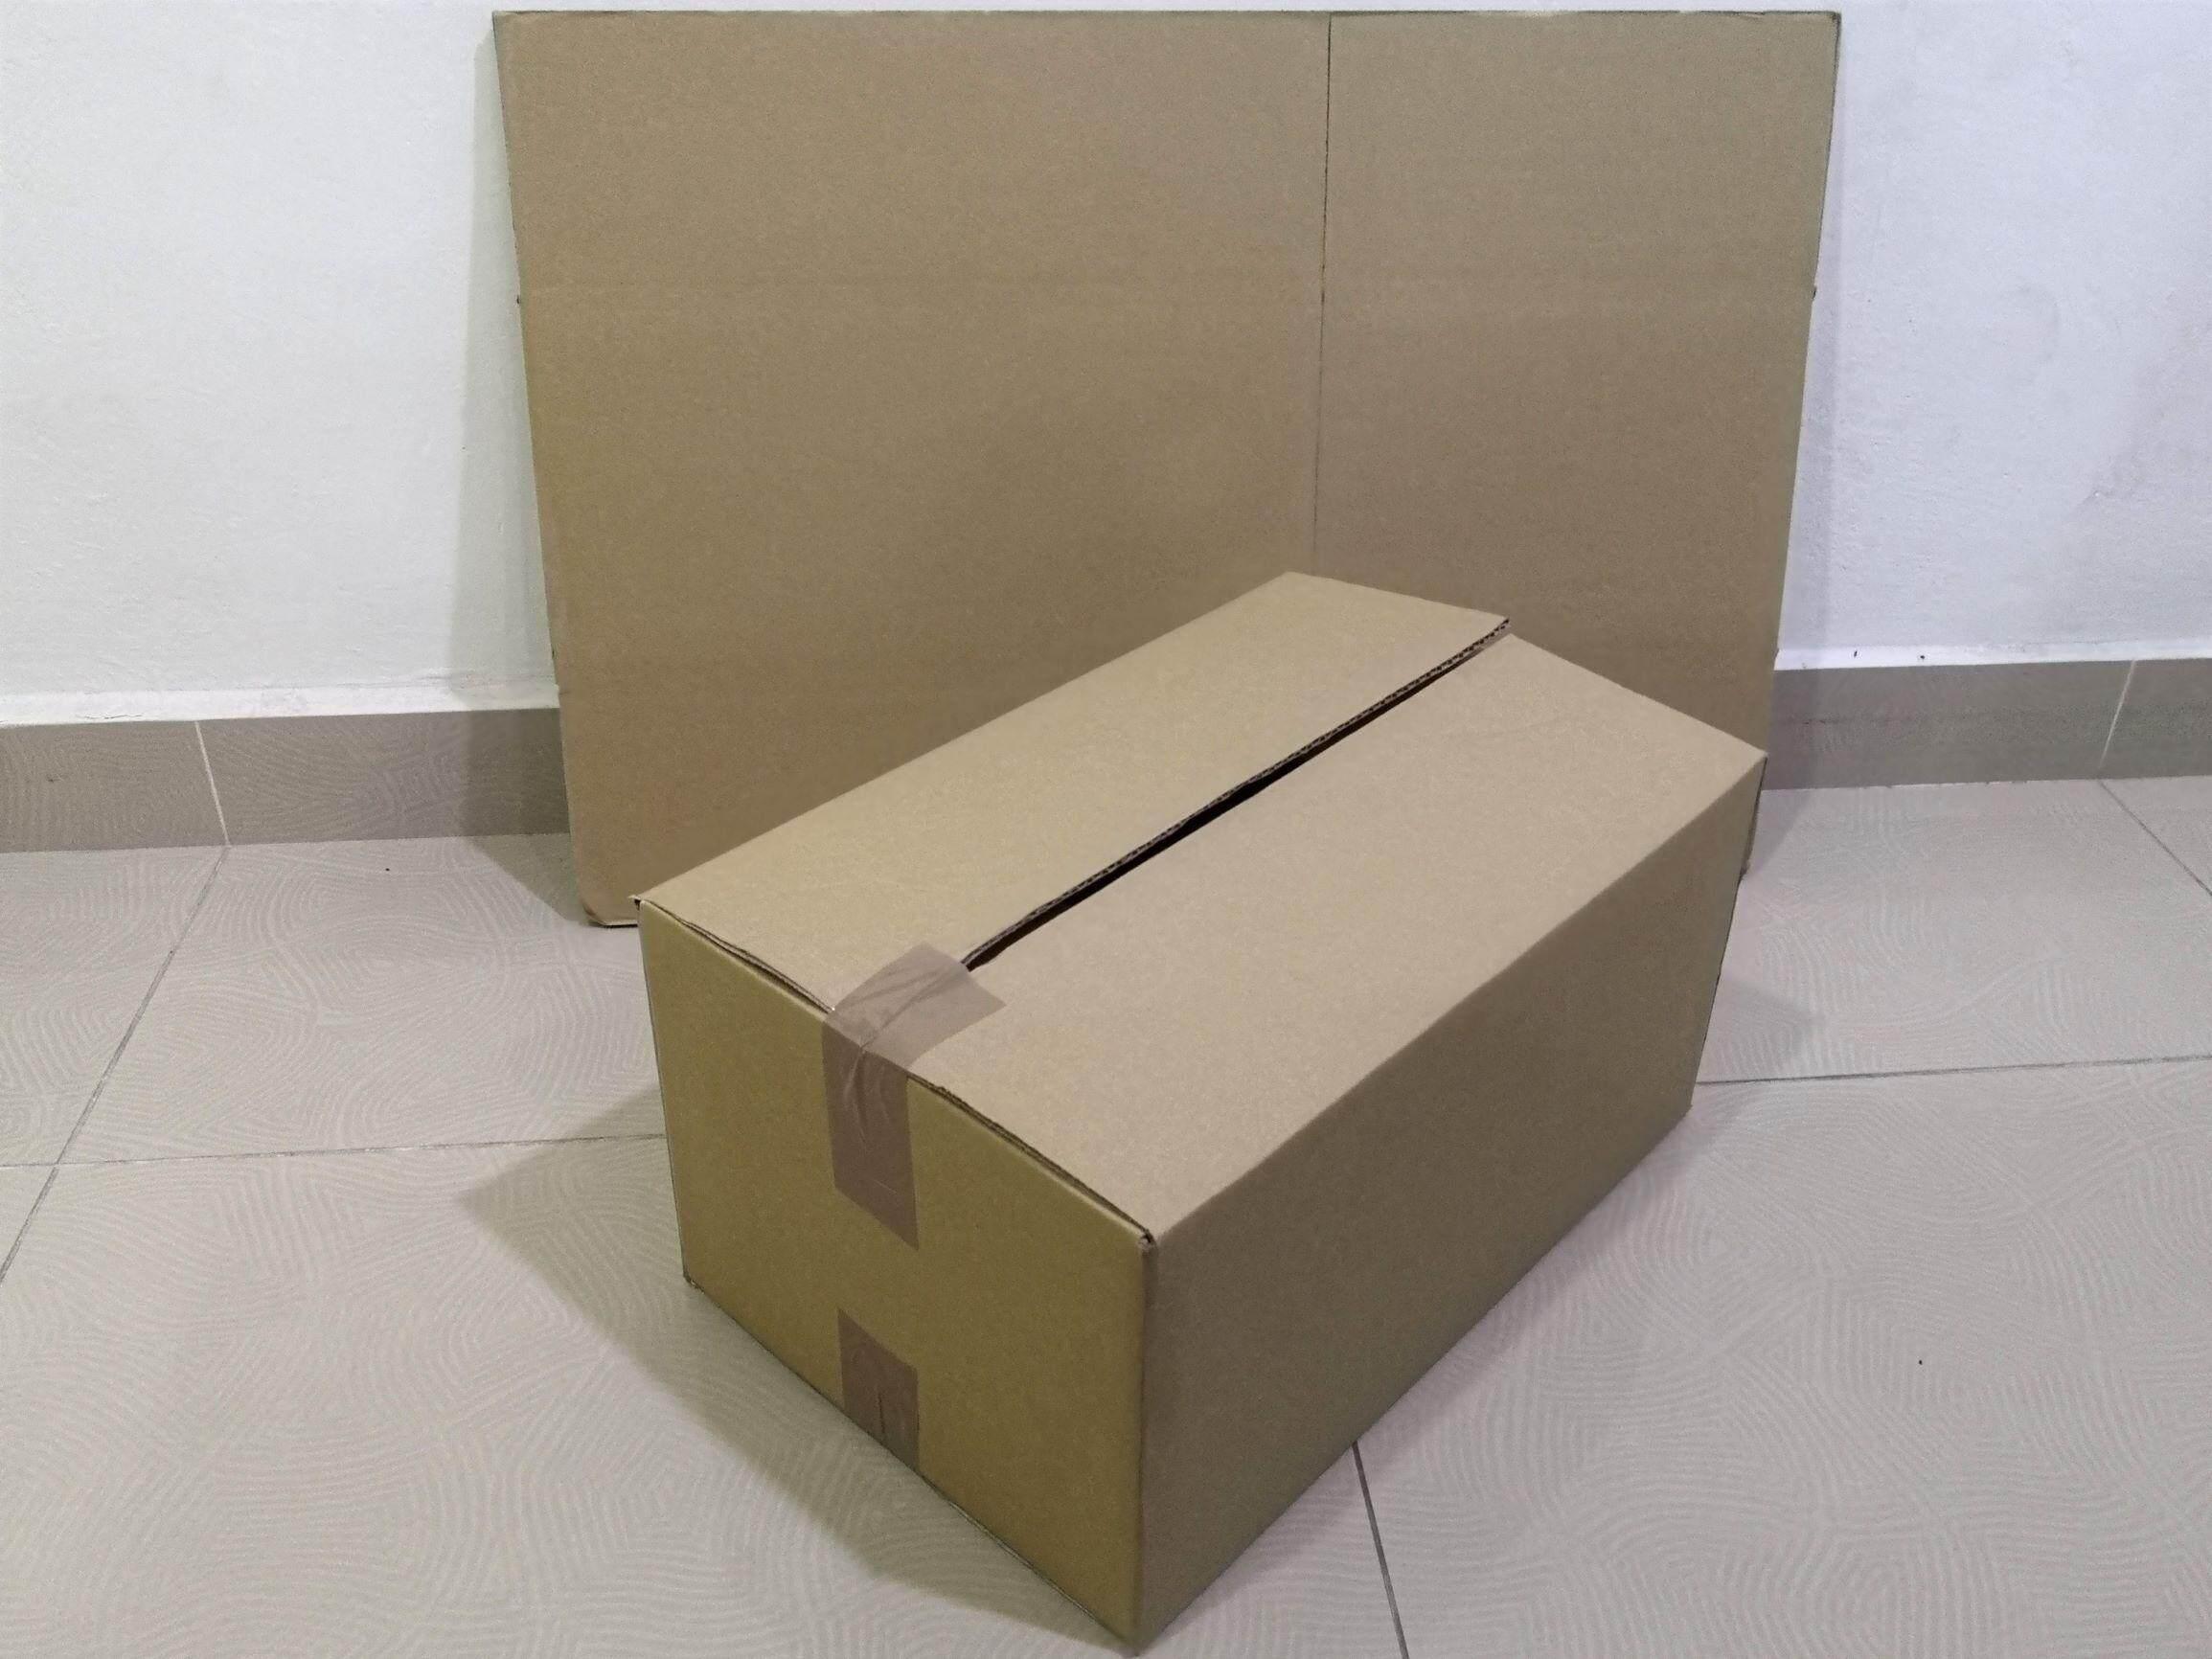 12pcs Plain Carton Boxes (L430 X W280 X H210mm)